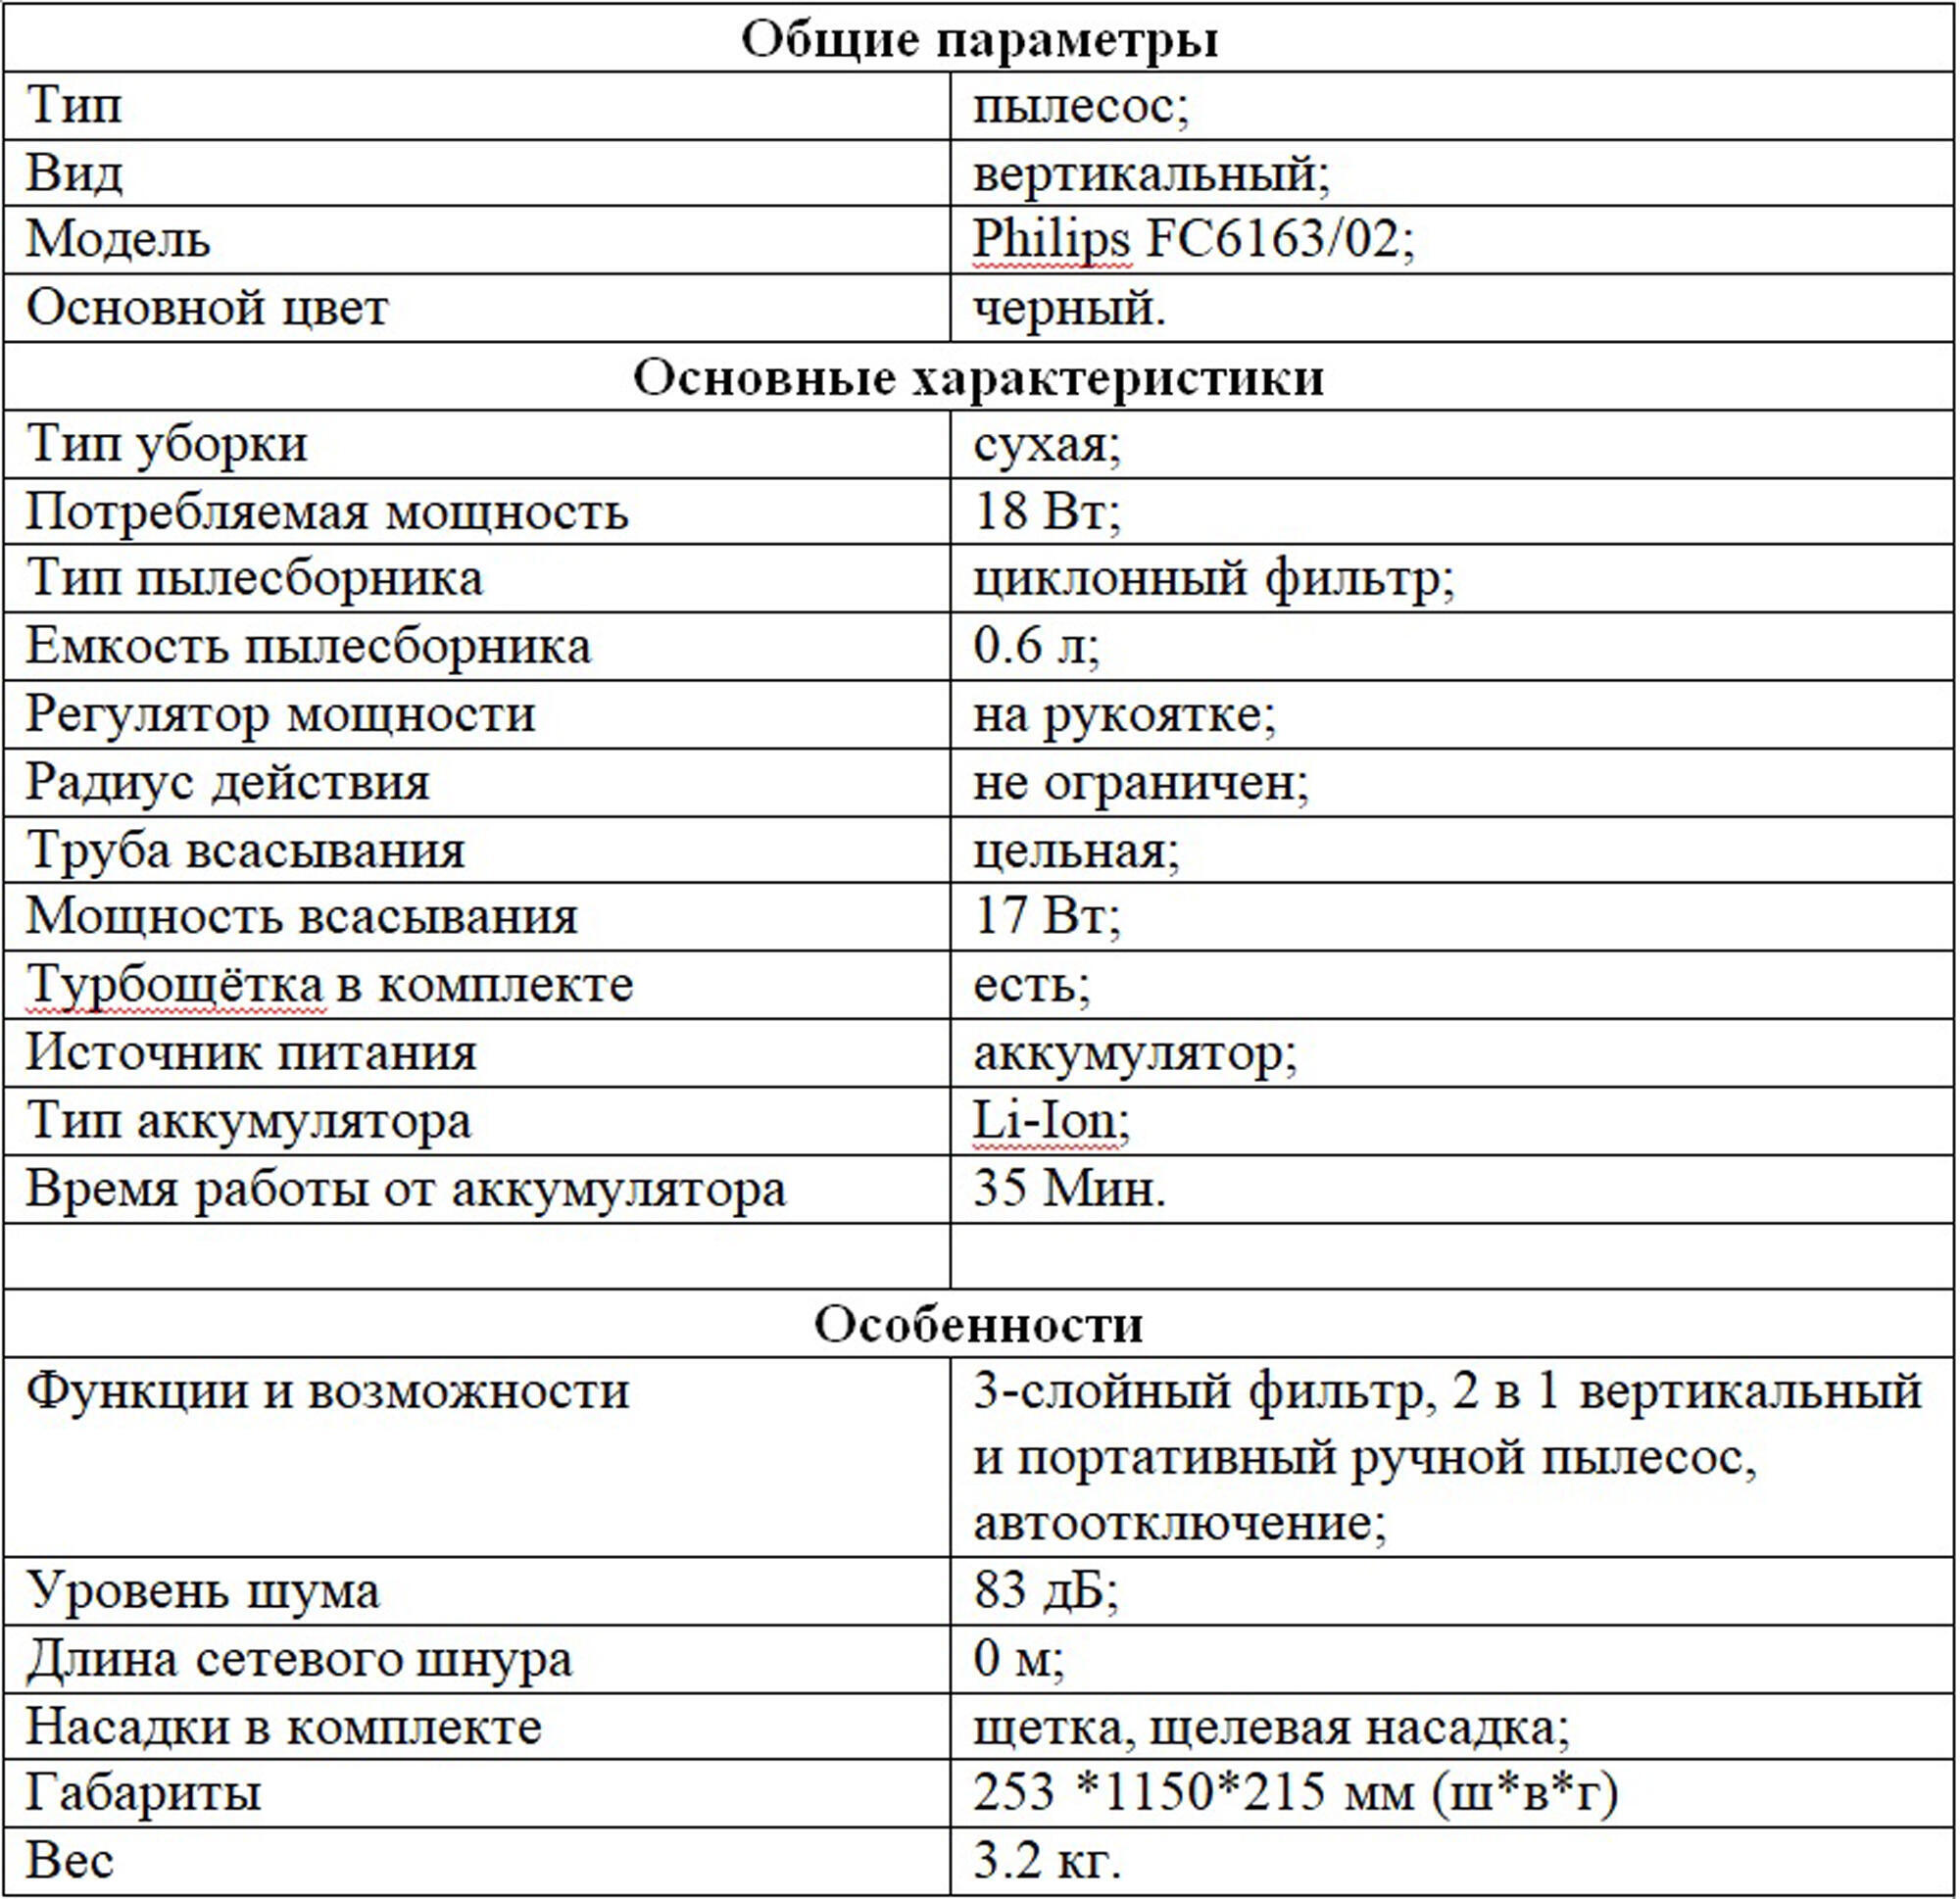 Bytovaya Tehnika - Obzor vertikalnogo pylesosa Philips FC6163/02.